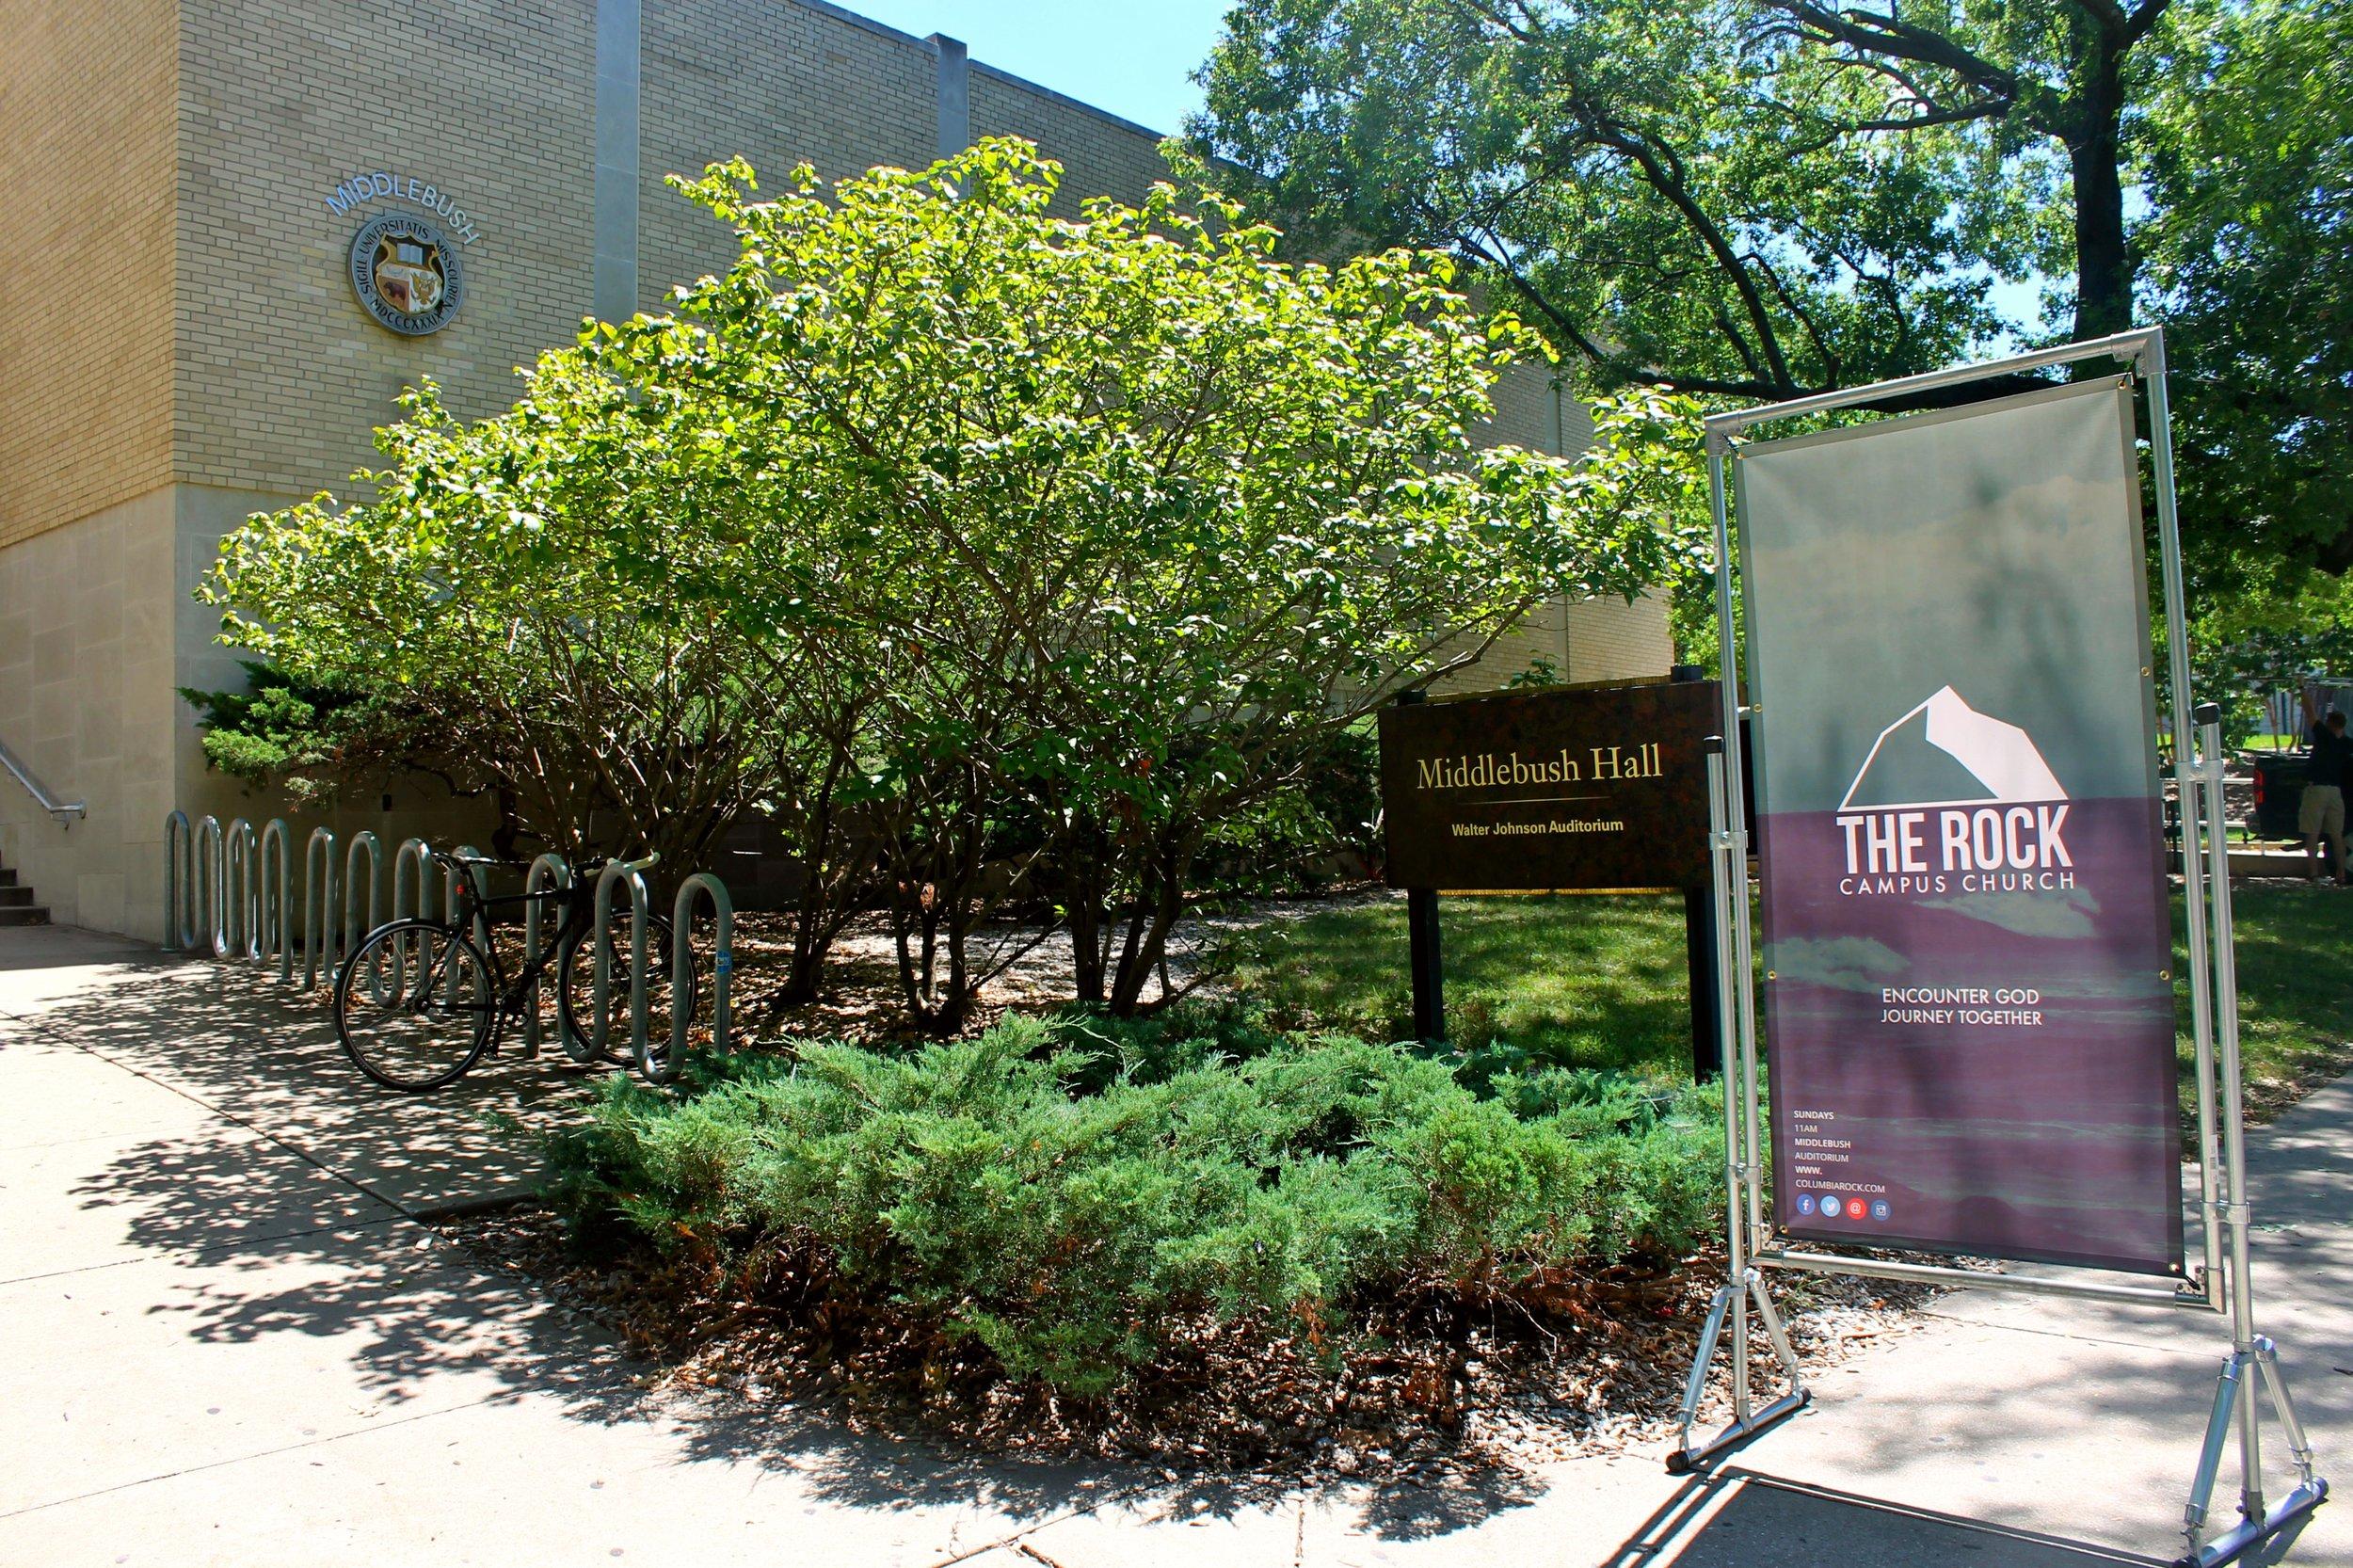 This is where we gather on Sundays - Middlebush Auditorium